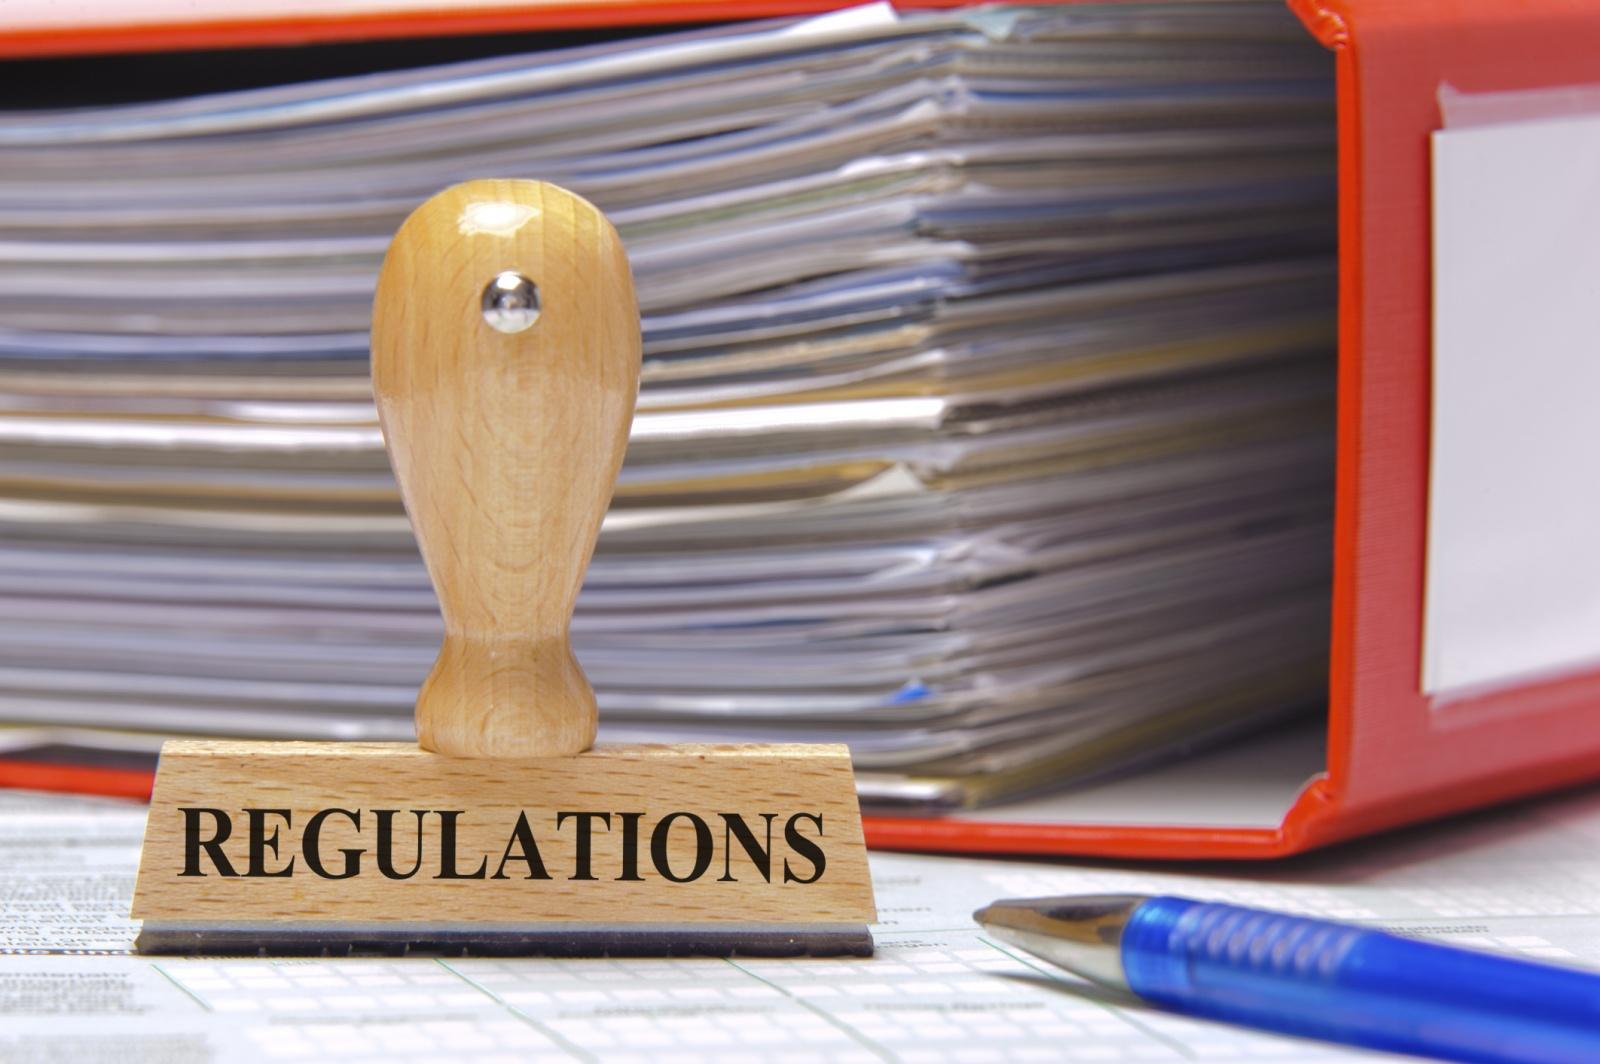 Финтех-дайджест: законопроект о регулировании криптовалют прошел первое чтение, инвесторы уверены в будущем биткоина - 1